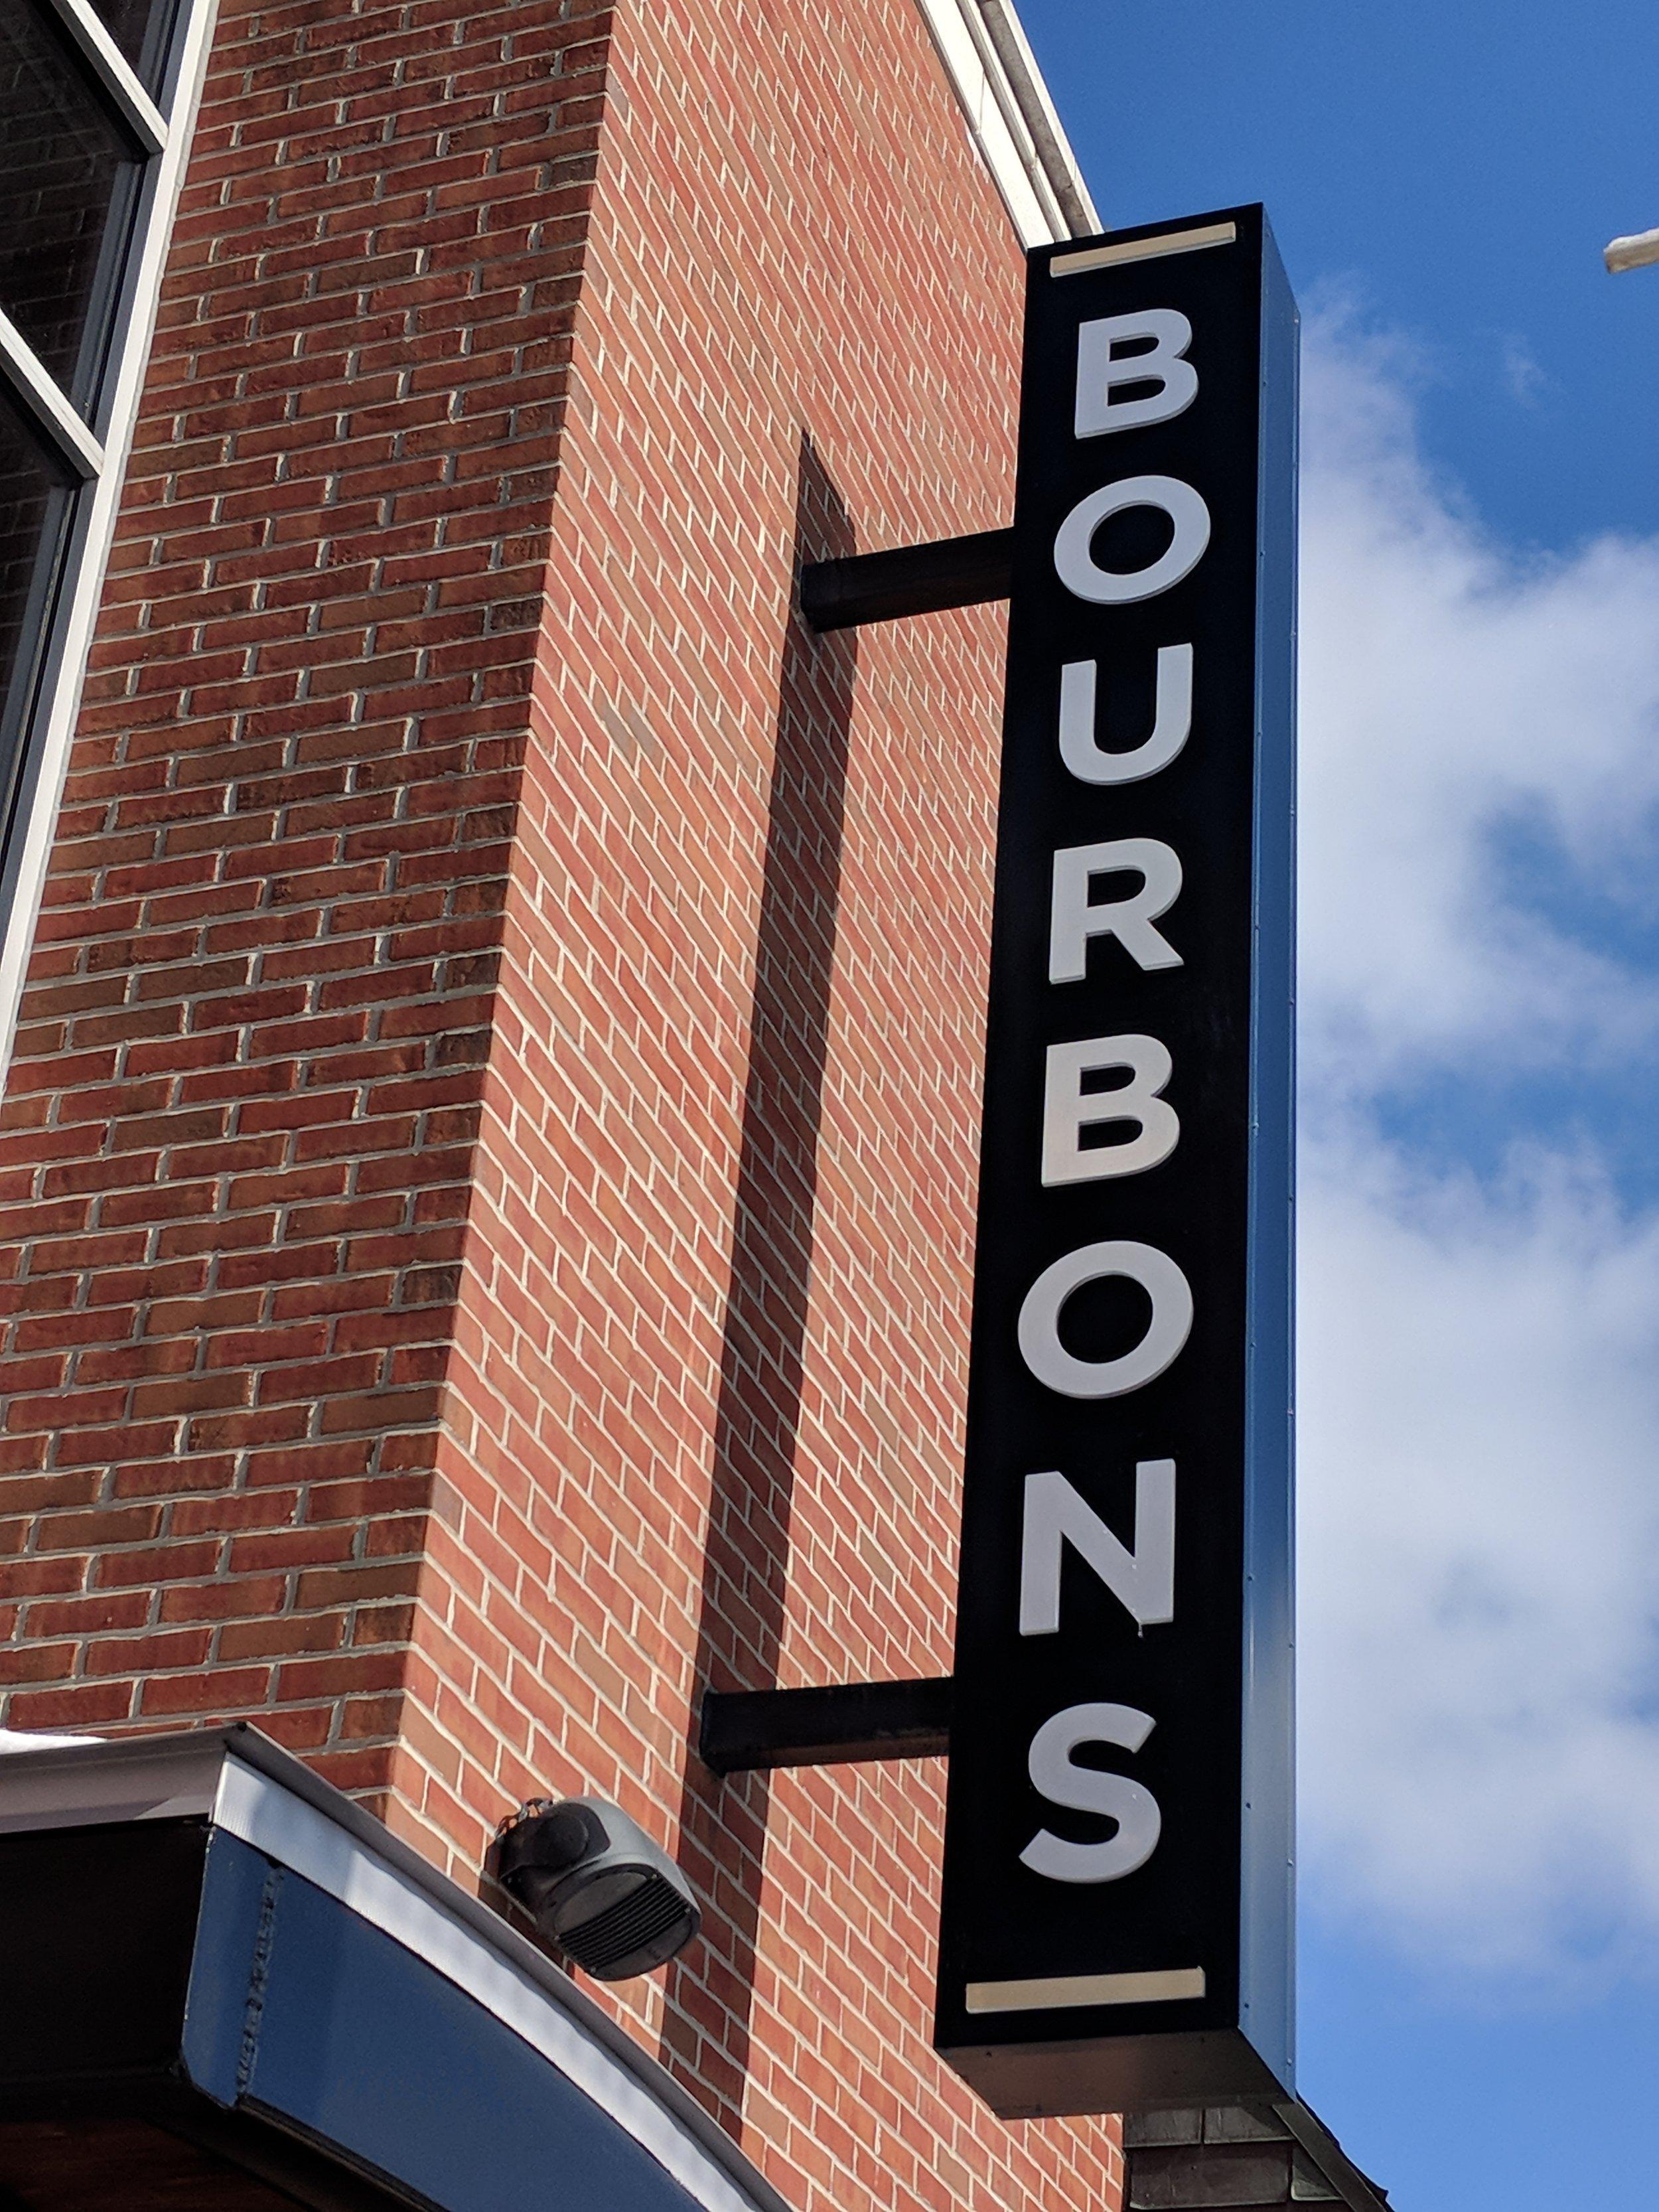 Bourbons Restaurant Sign